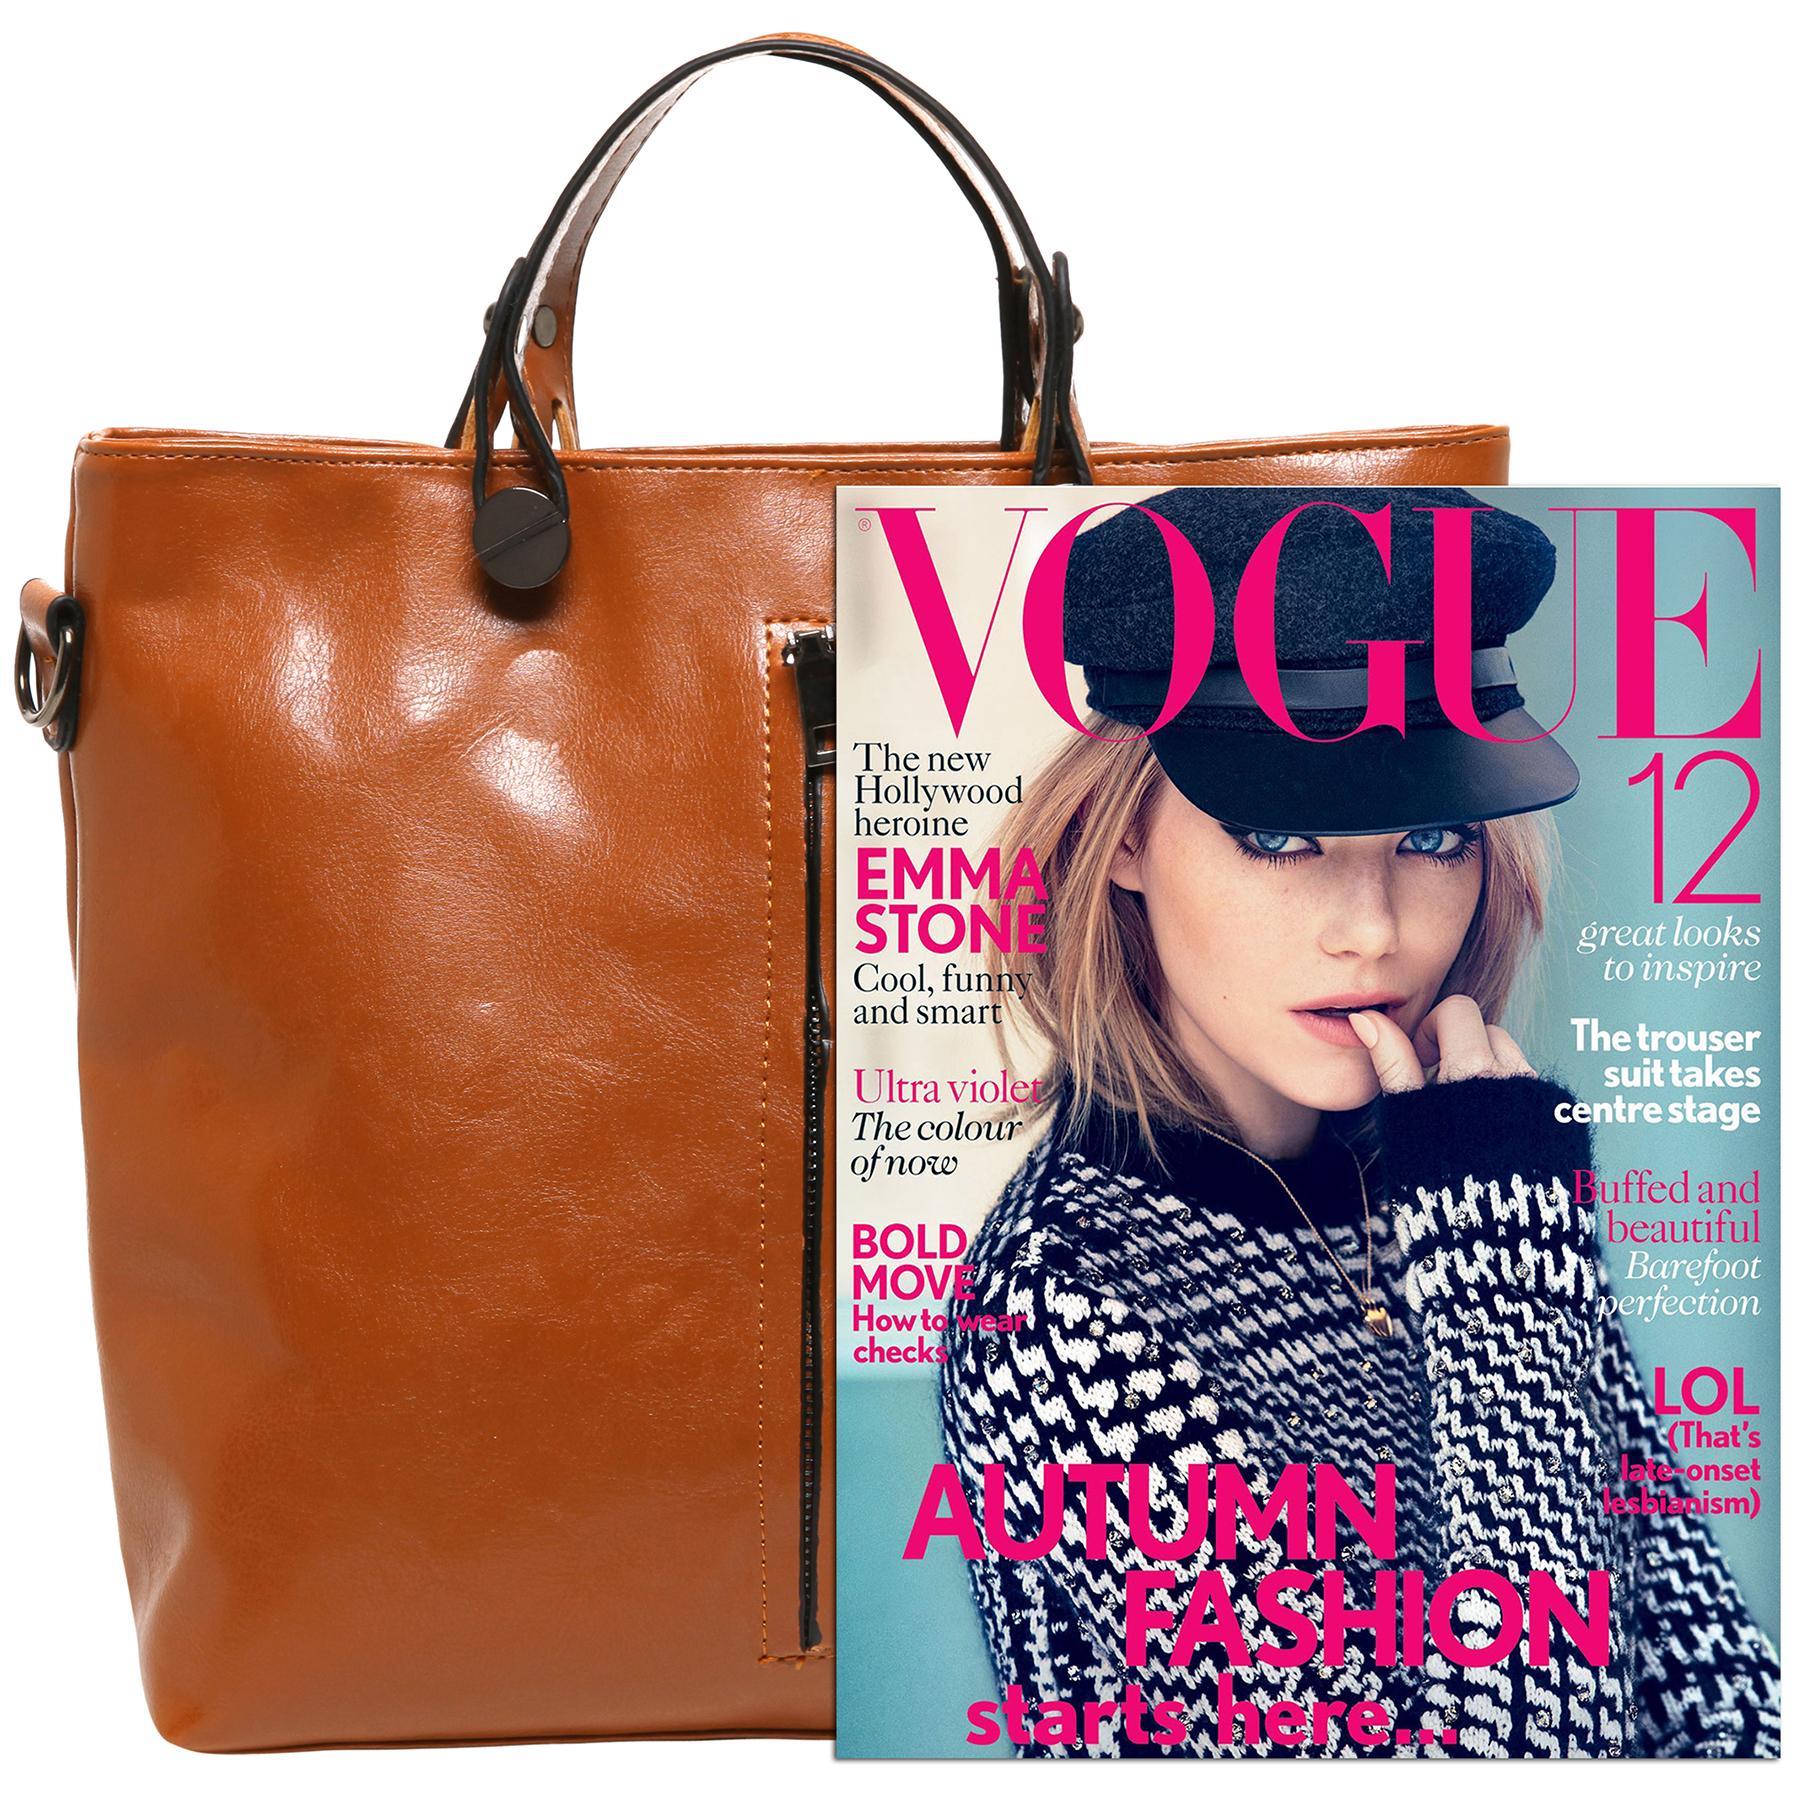 ALDIS Brown Top Handle Office Tote Handbag size